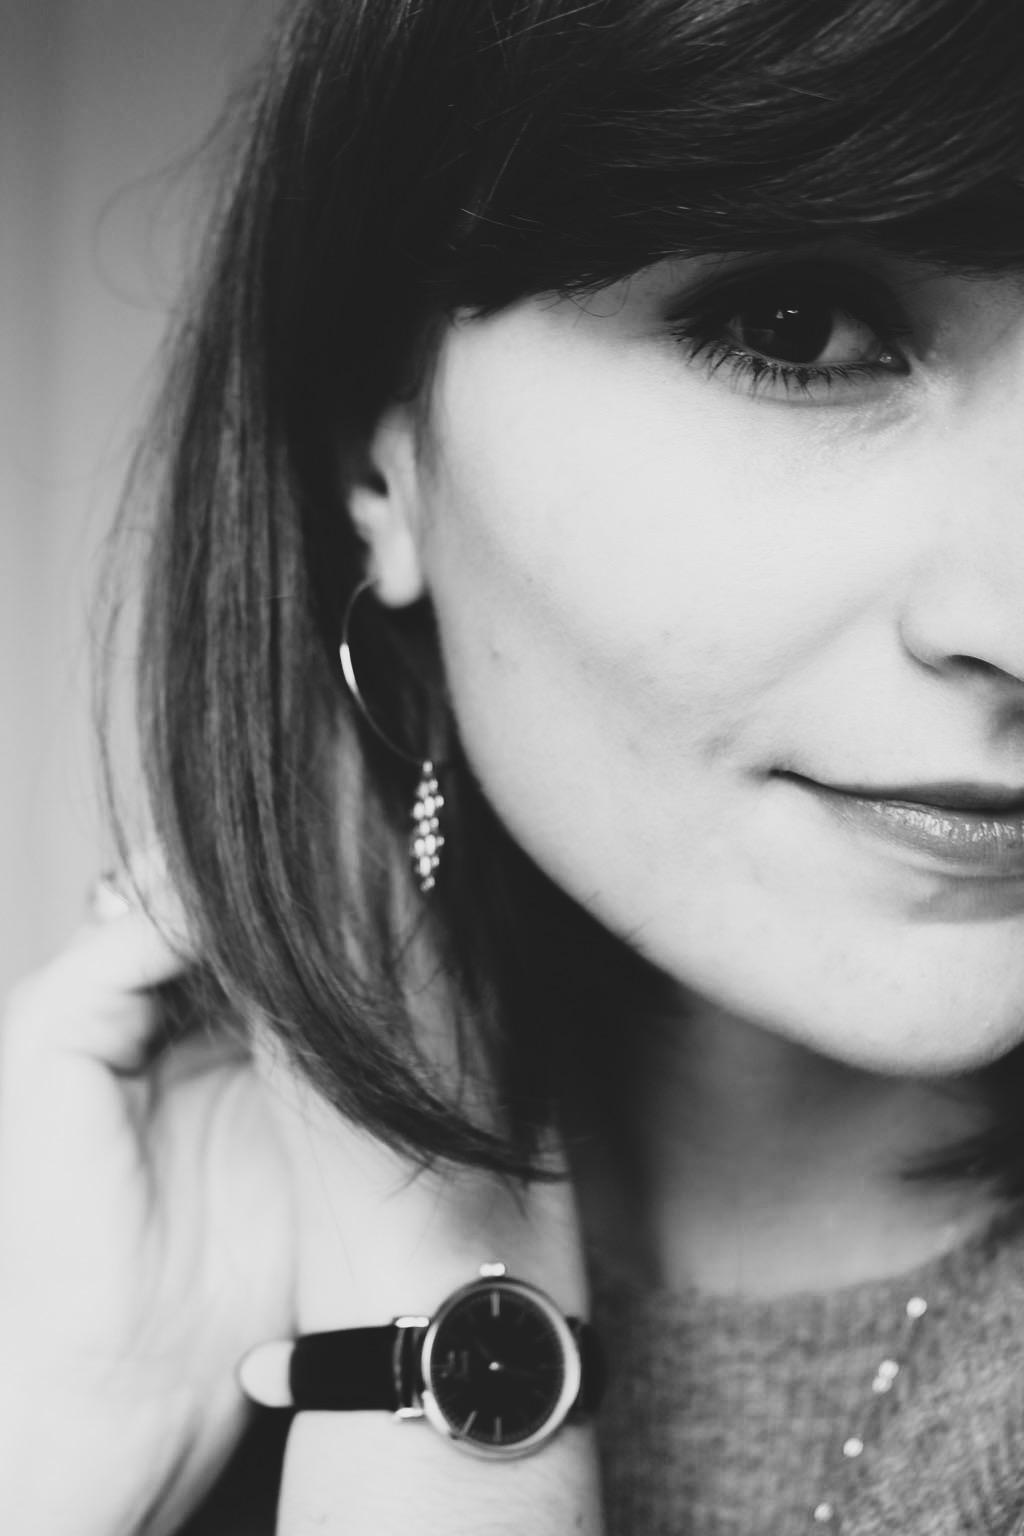 photographie-therapie le petit monde d'elodie autoportrait